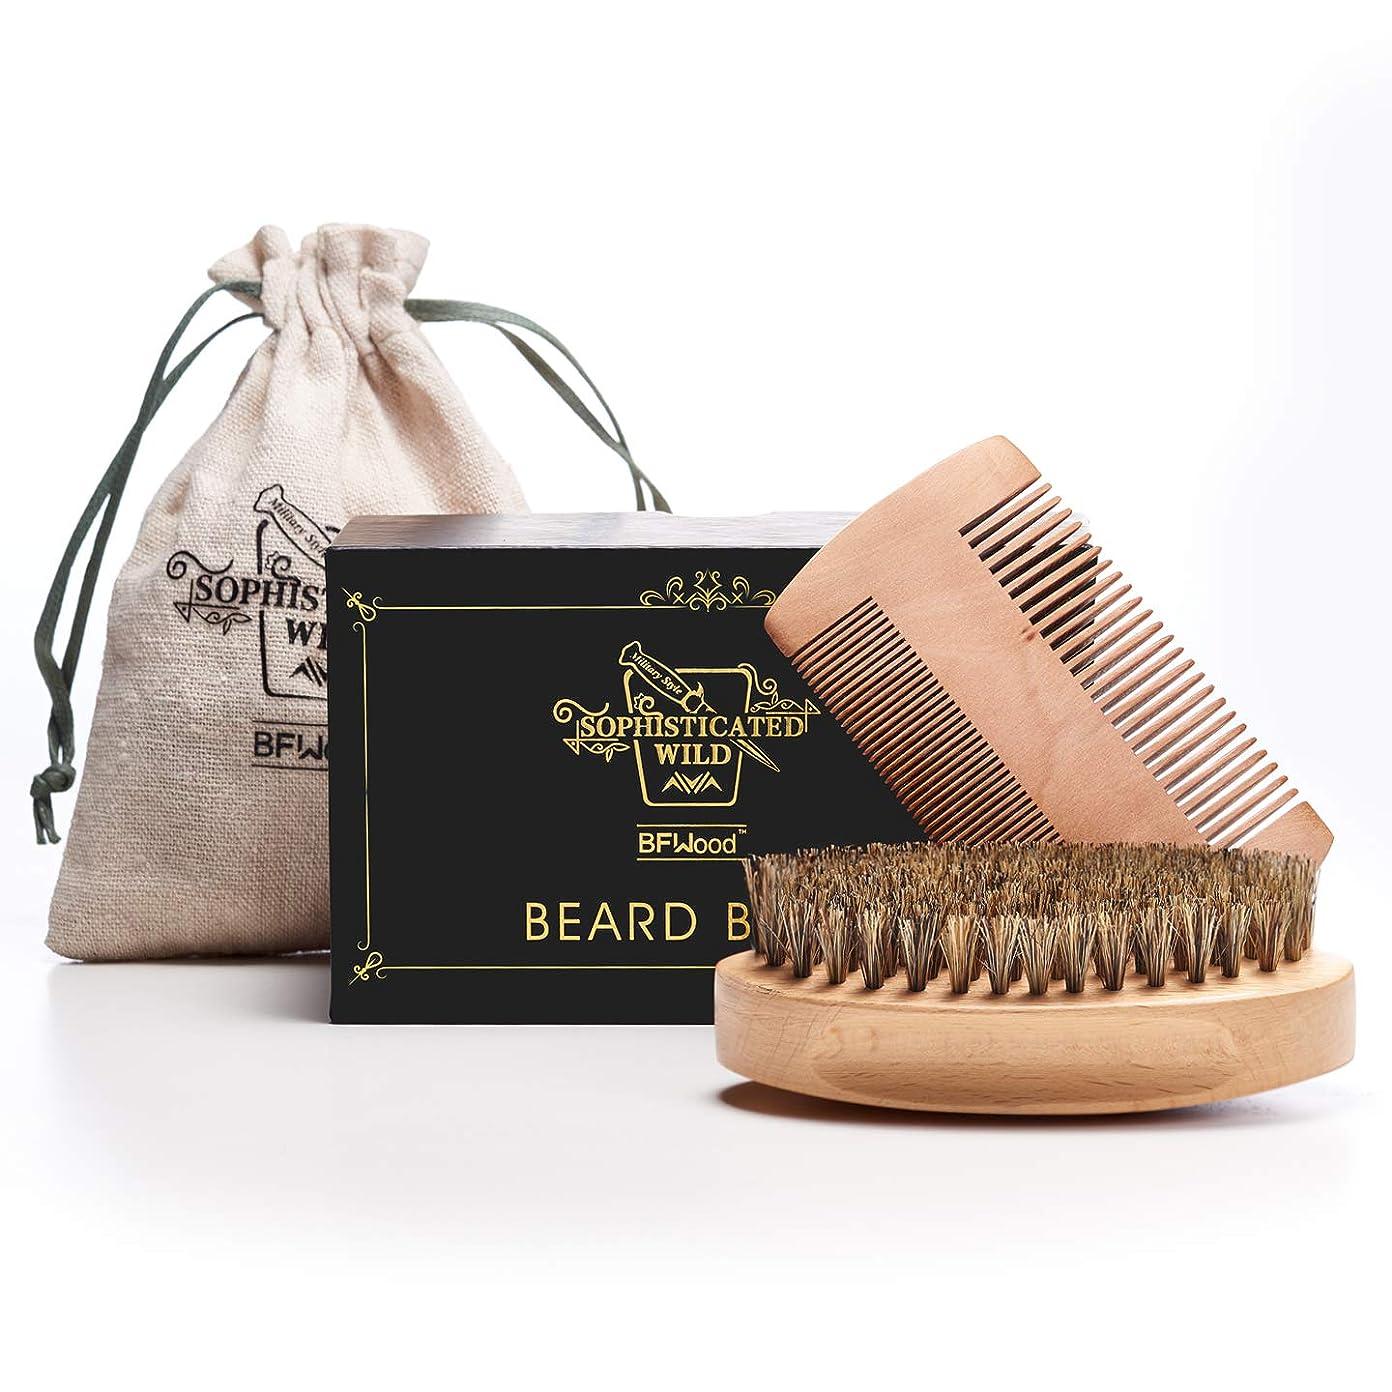 エジプト人仮定、想定。推測飢饉BFWood Beard Brush Set 豚毛髭ブラシと木製コム アメリカミリタリースタイル (ブラシとコムセット)